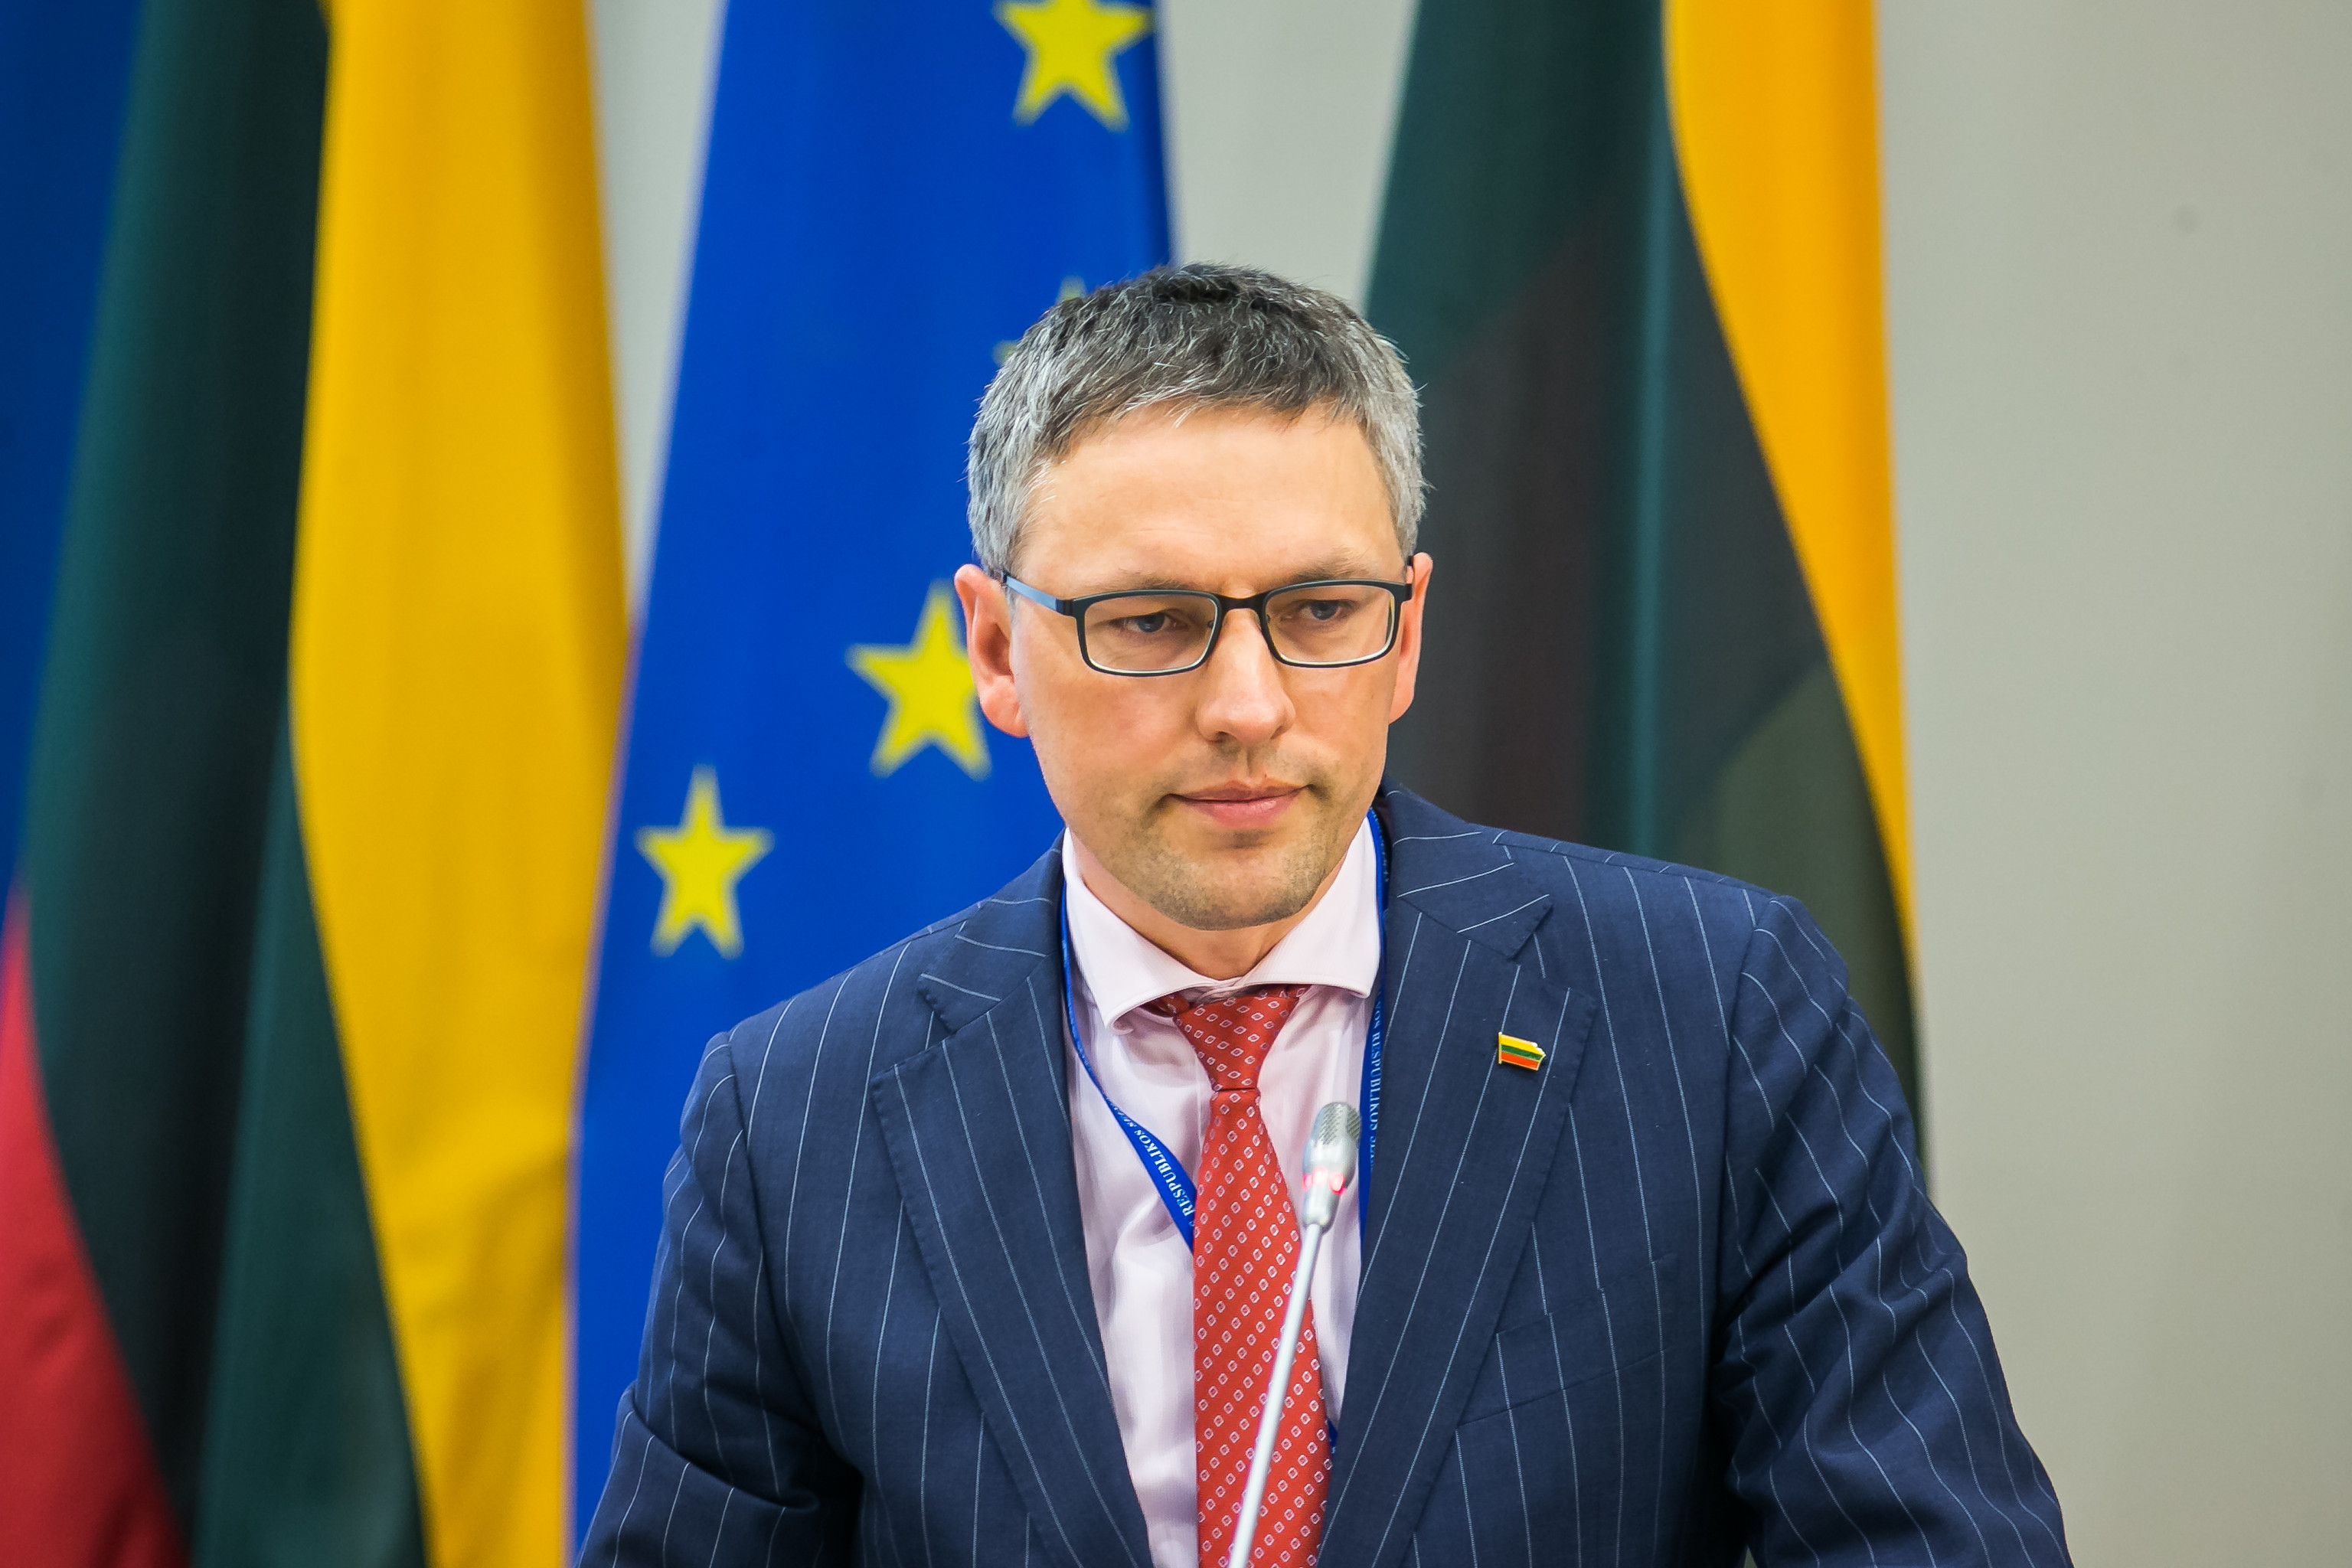 Seimo Laikinosios Dzūkijos bičiulių parlamentinė grupė ir Dzūkijos krašto savivaldybių merai tarsis dėl bendradarbiavimo krypčių